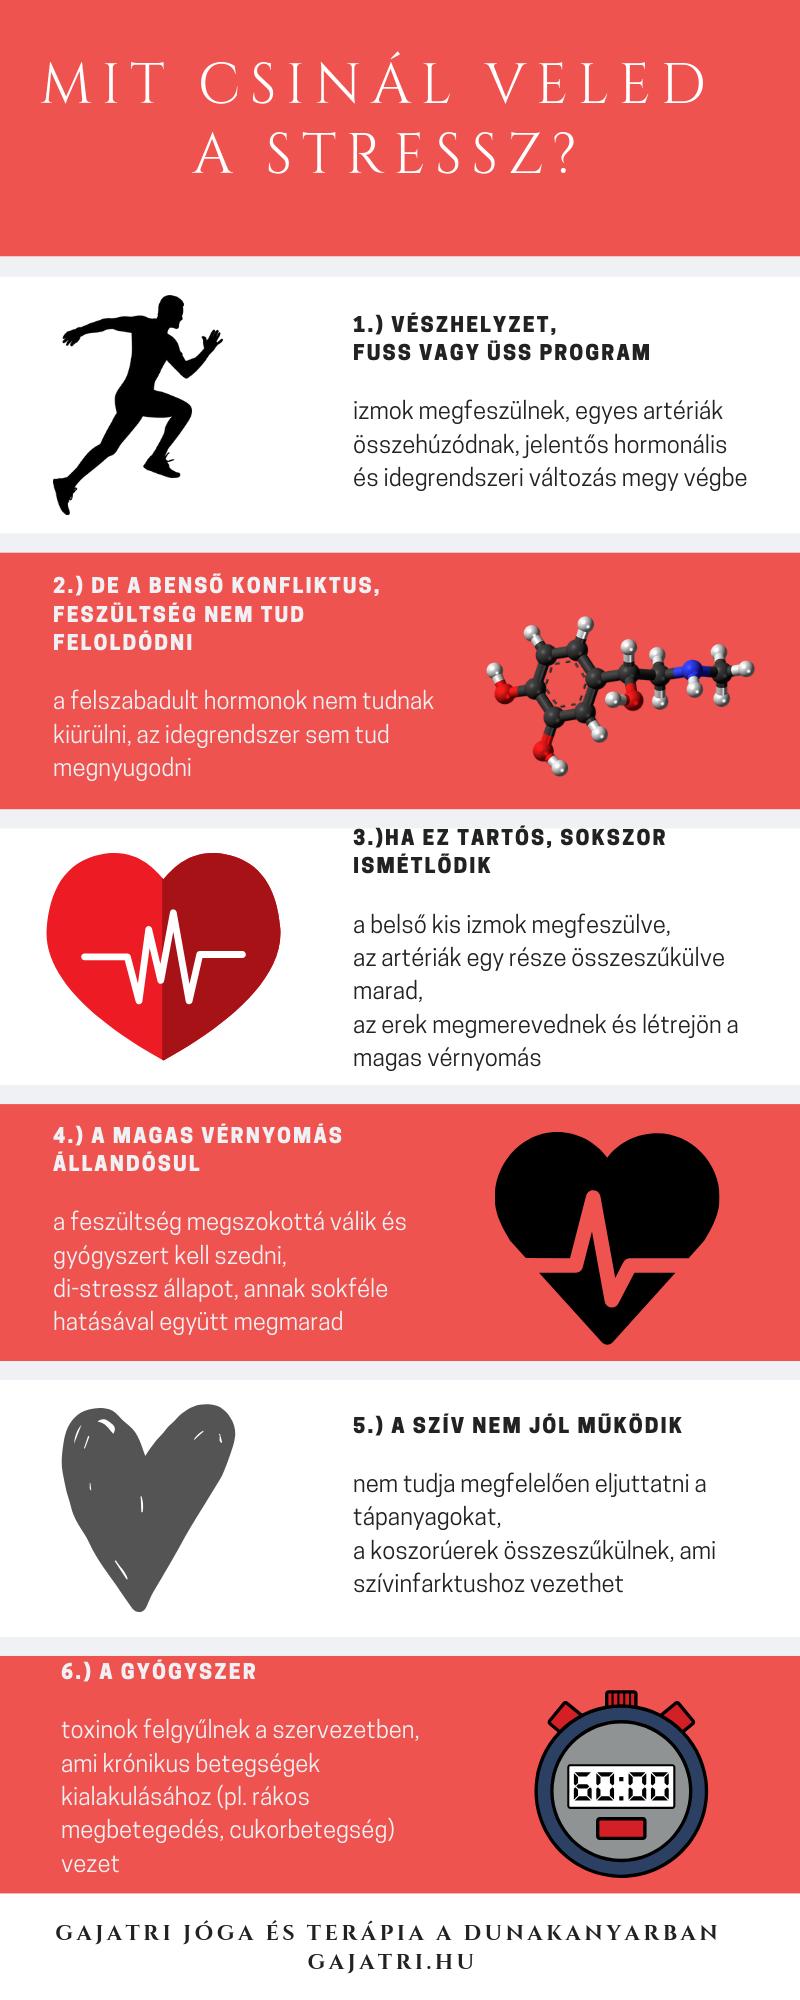 magas vérnyomás aki beteg magas vérnyomás tüdőgyulladással